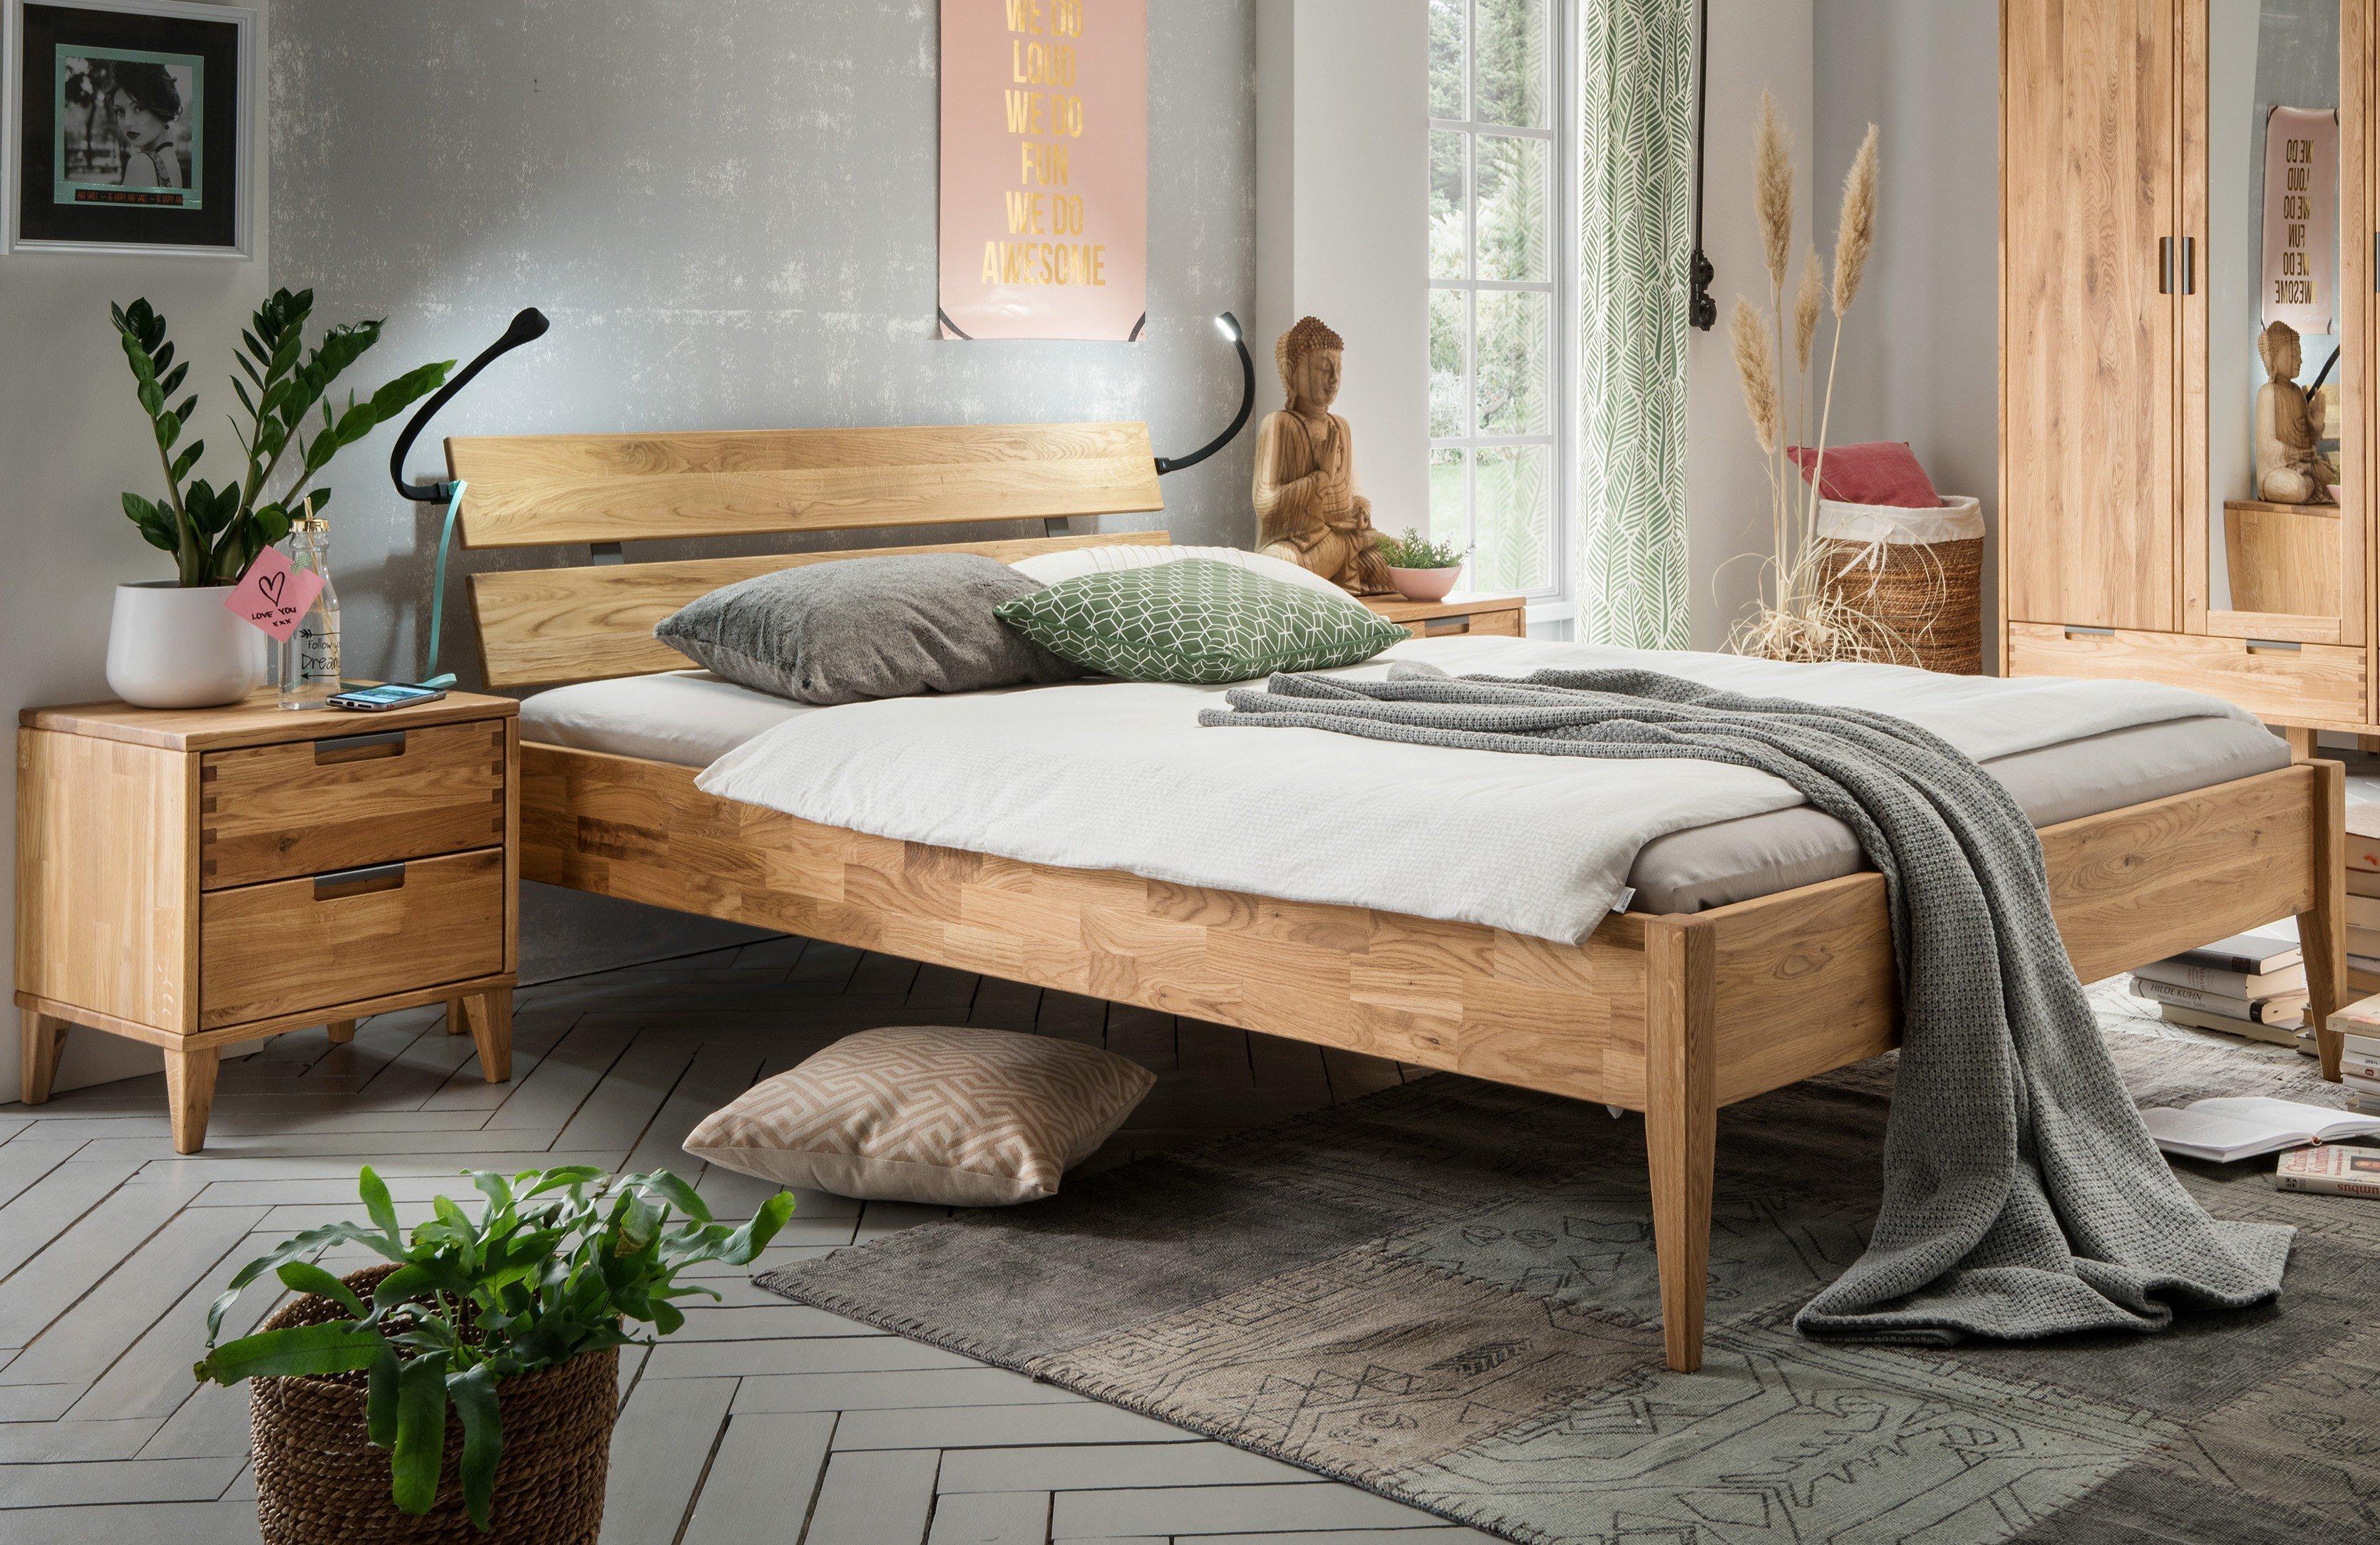 bett mido von skalik eiche massiv natur m bel letz ihr online shop. Black Bedroom Furniture Sets. Home Design Ideas